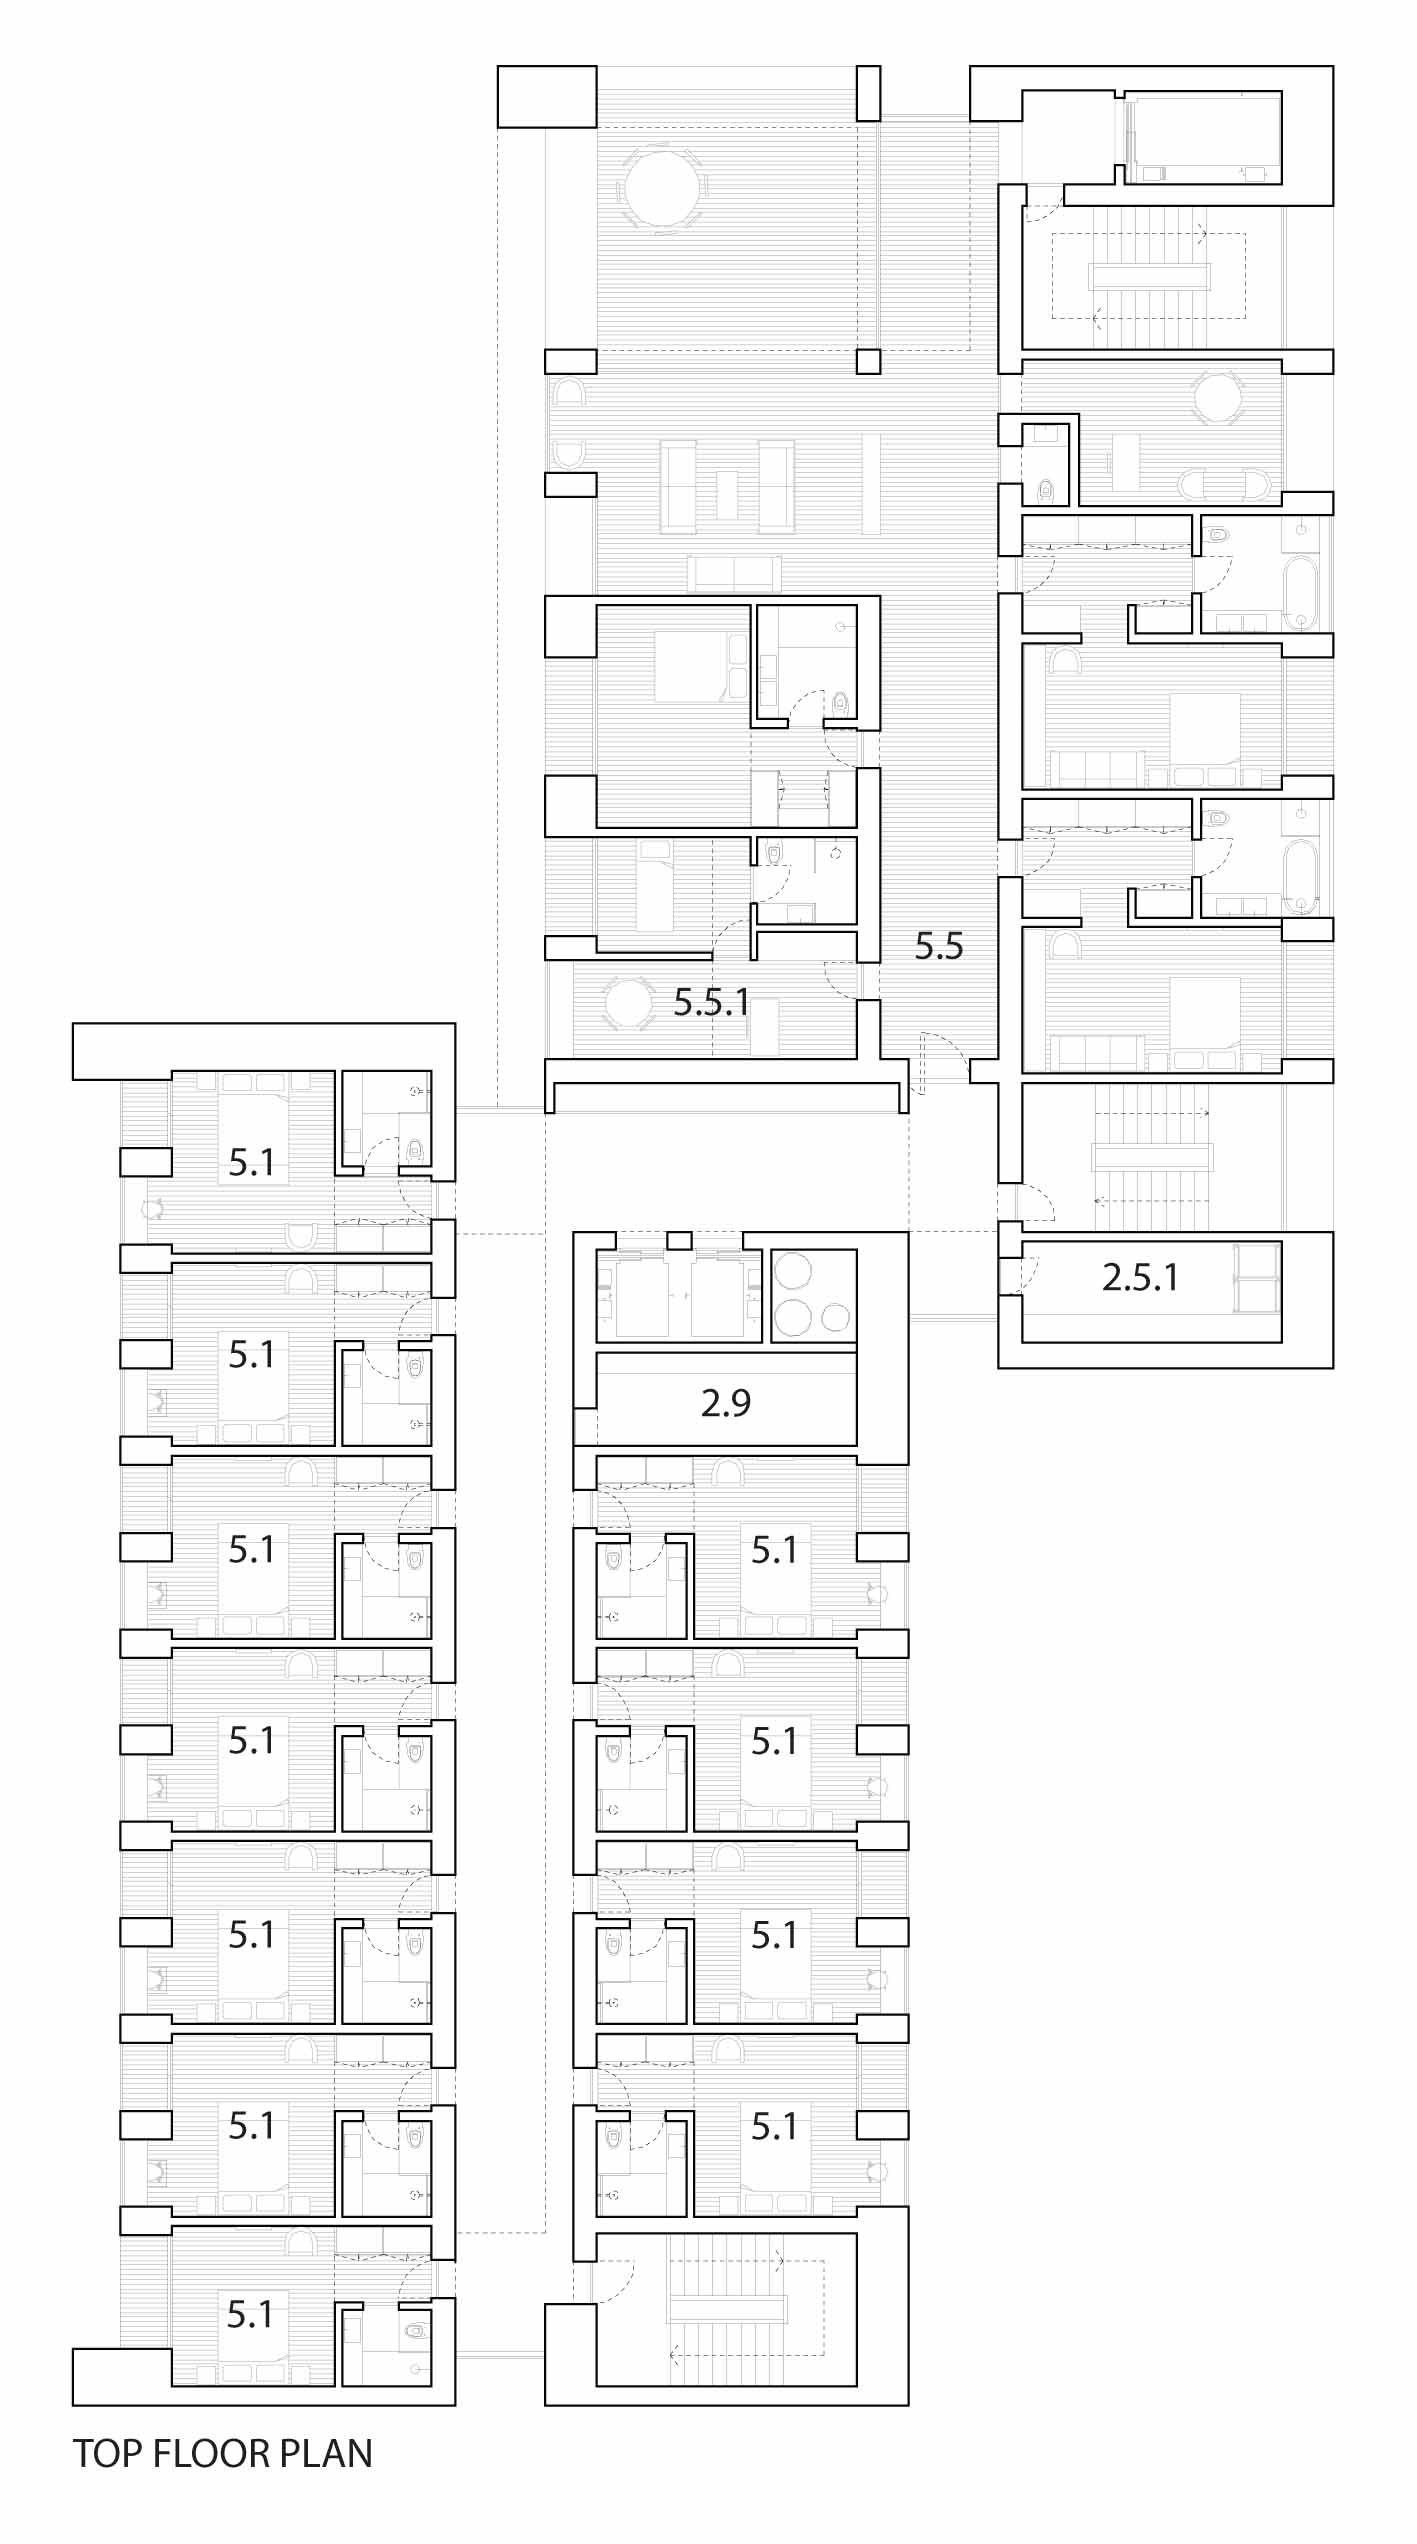 gallery of hotel liesma proposal arqx arquitectos carlos lobao 7 top floor plan view original size